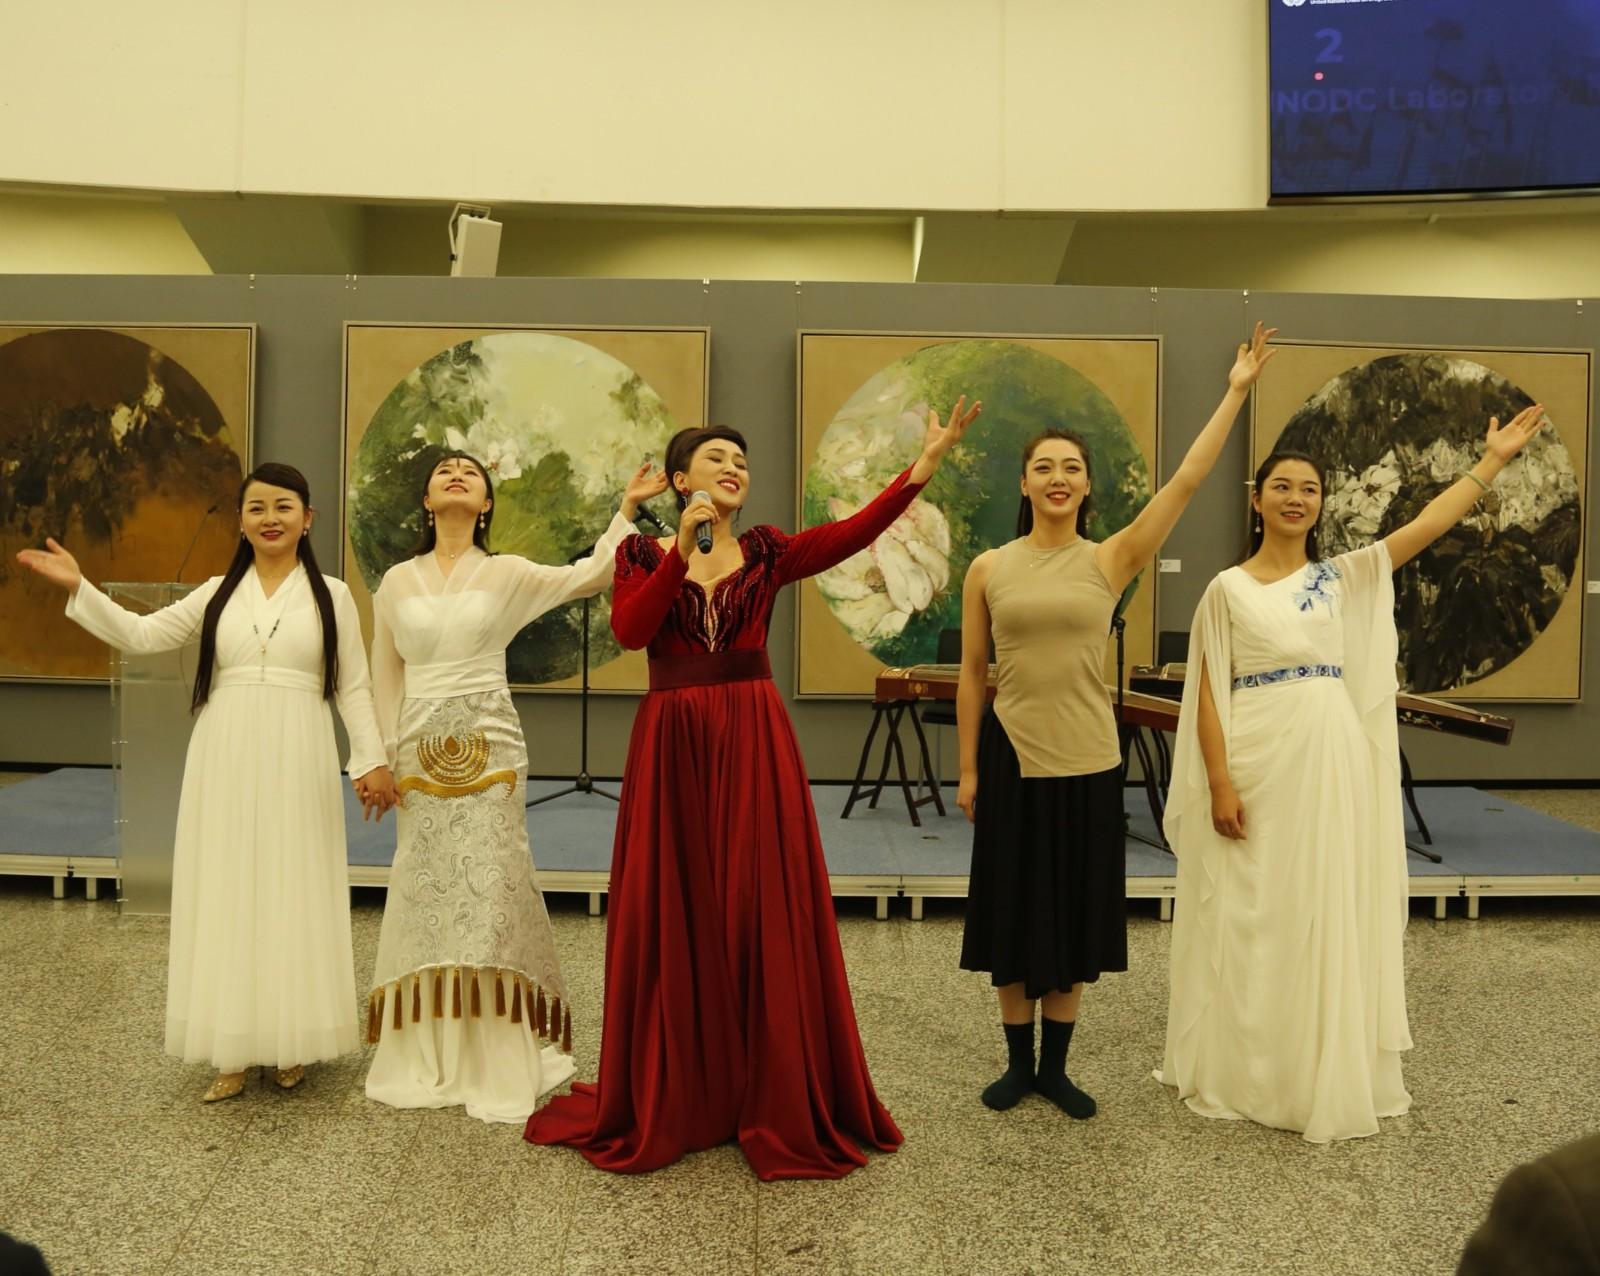 中南大学艺术团把中国音乐带到维也纳